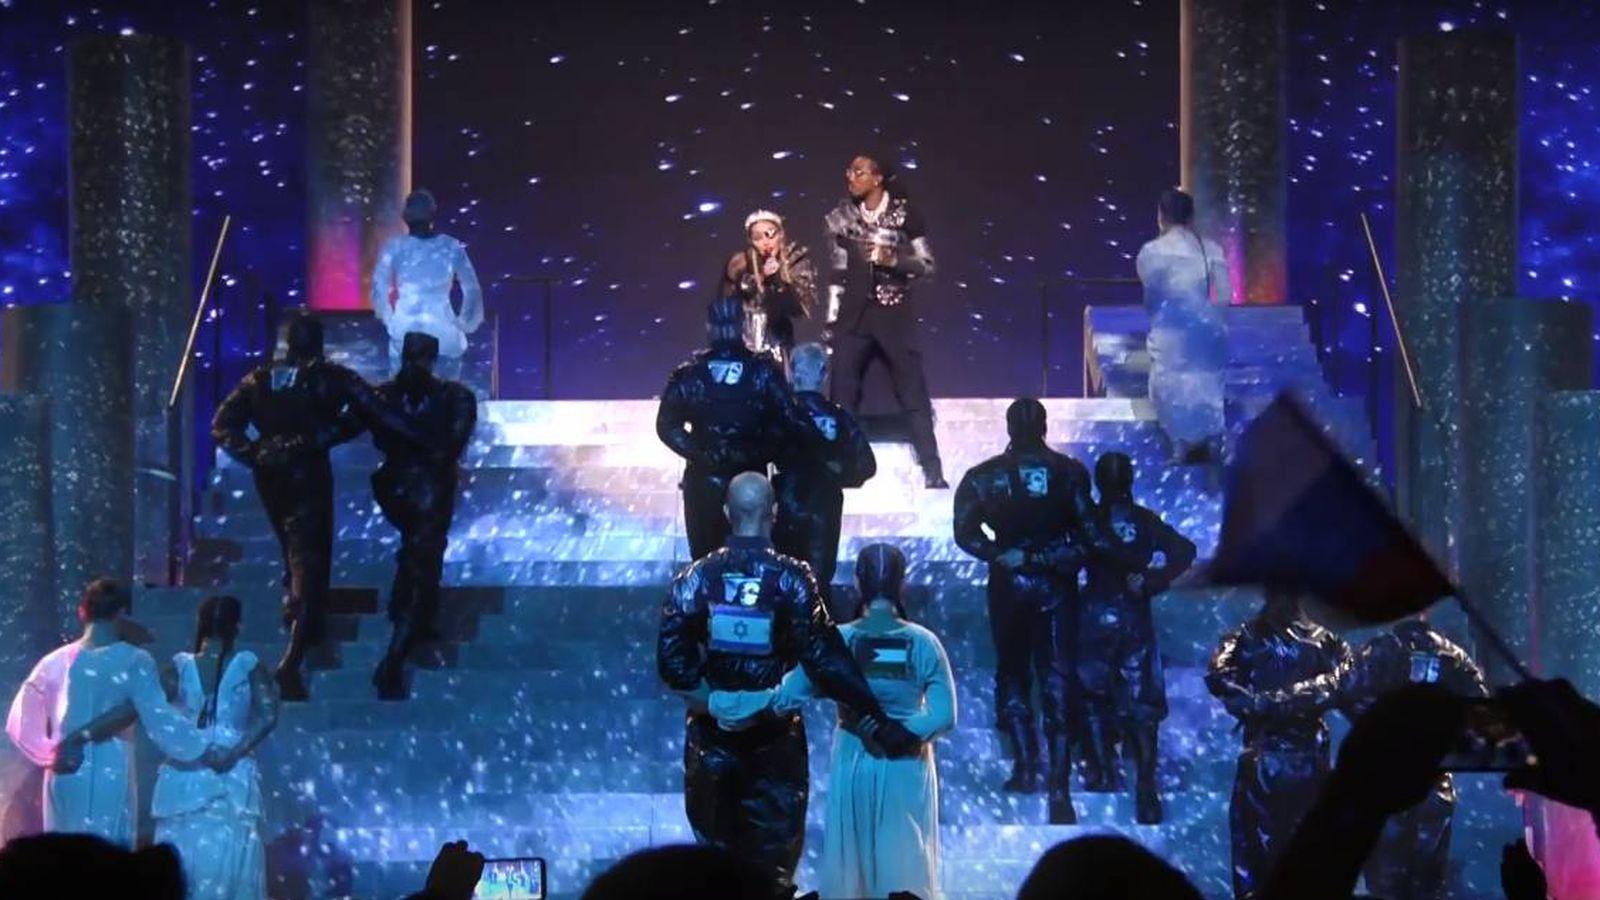 Foto: Madonna y la bandera de Palestina en Eurovisión 2019.